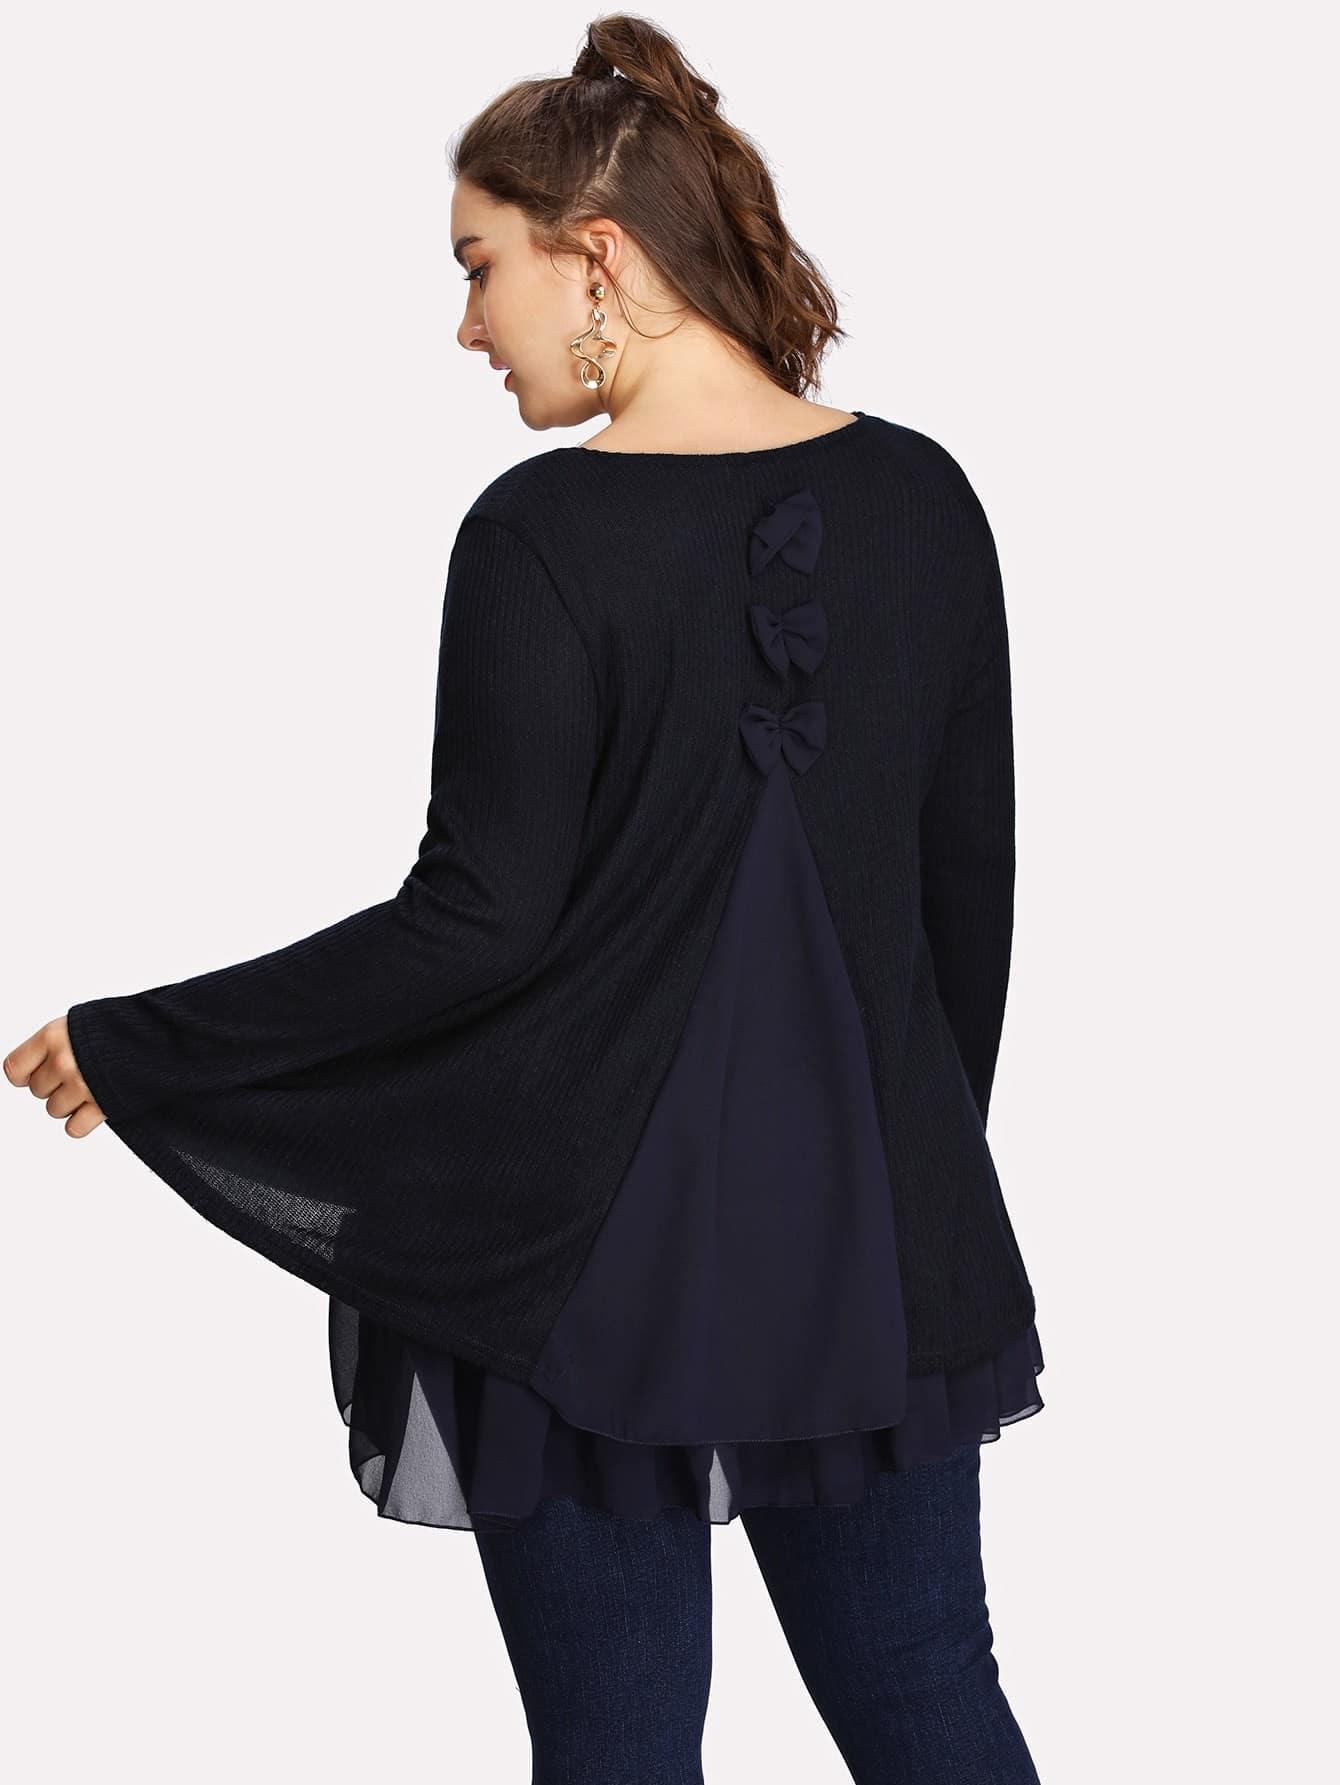 Купить Модная футболка с оборкой и бантами, Franziska, SheIn